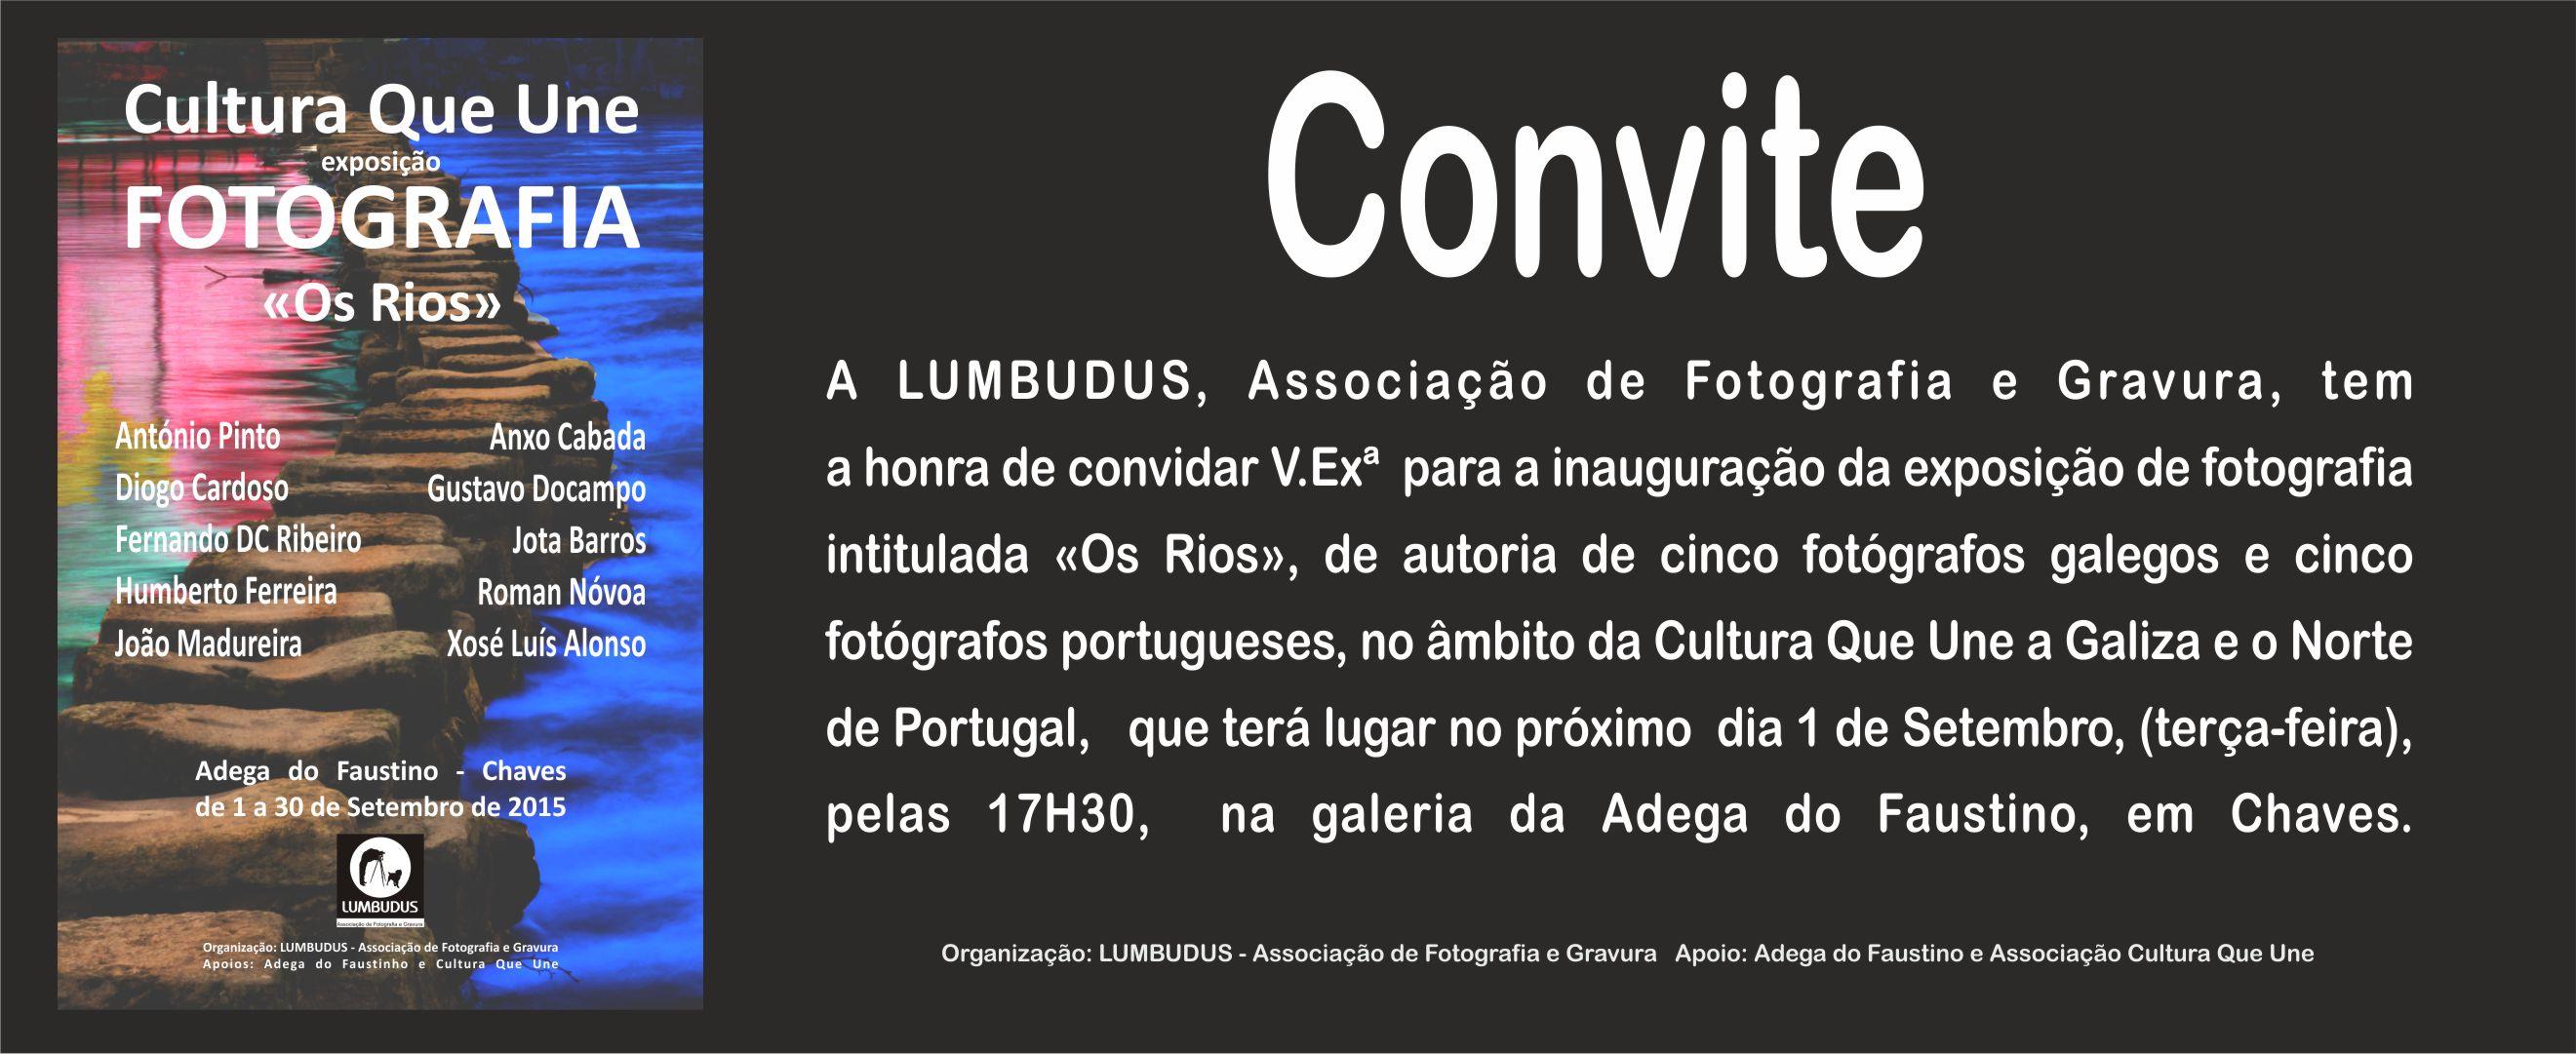 convite-web